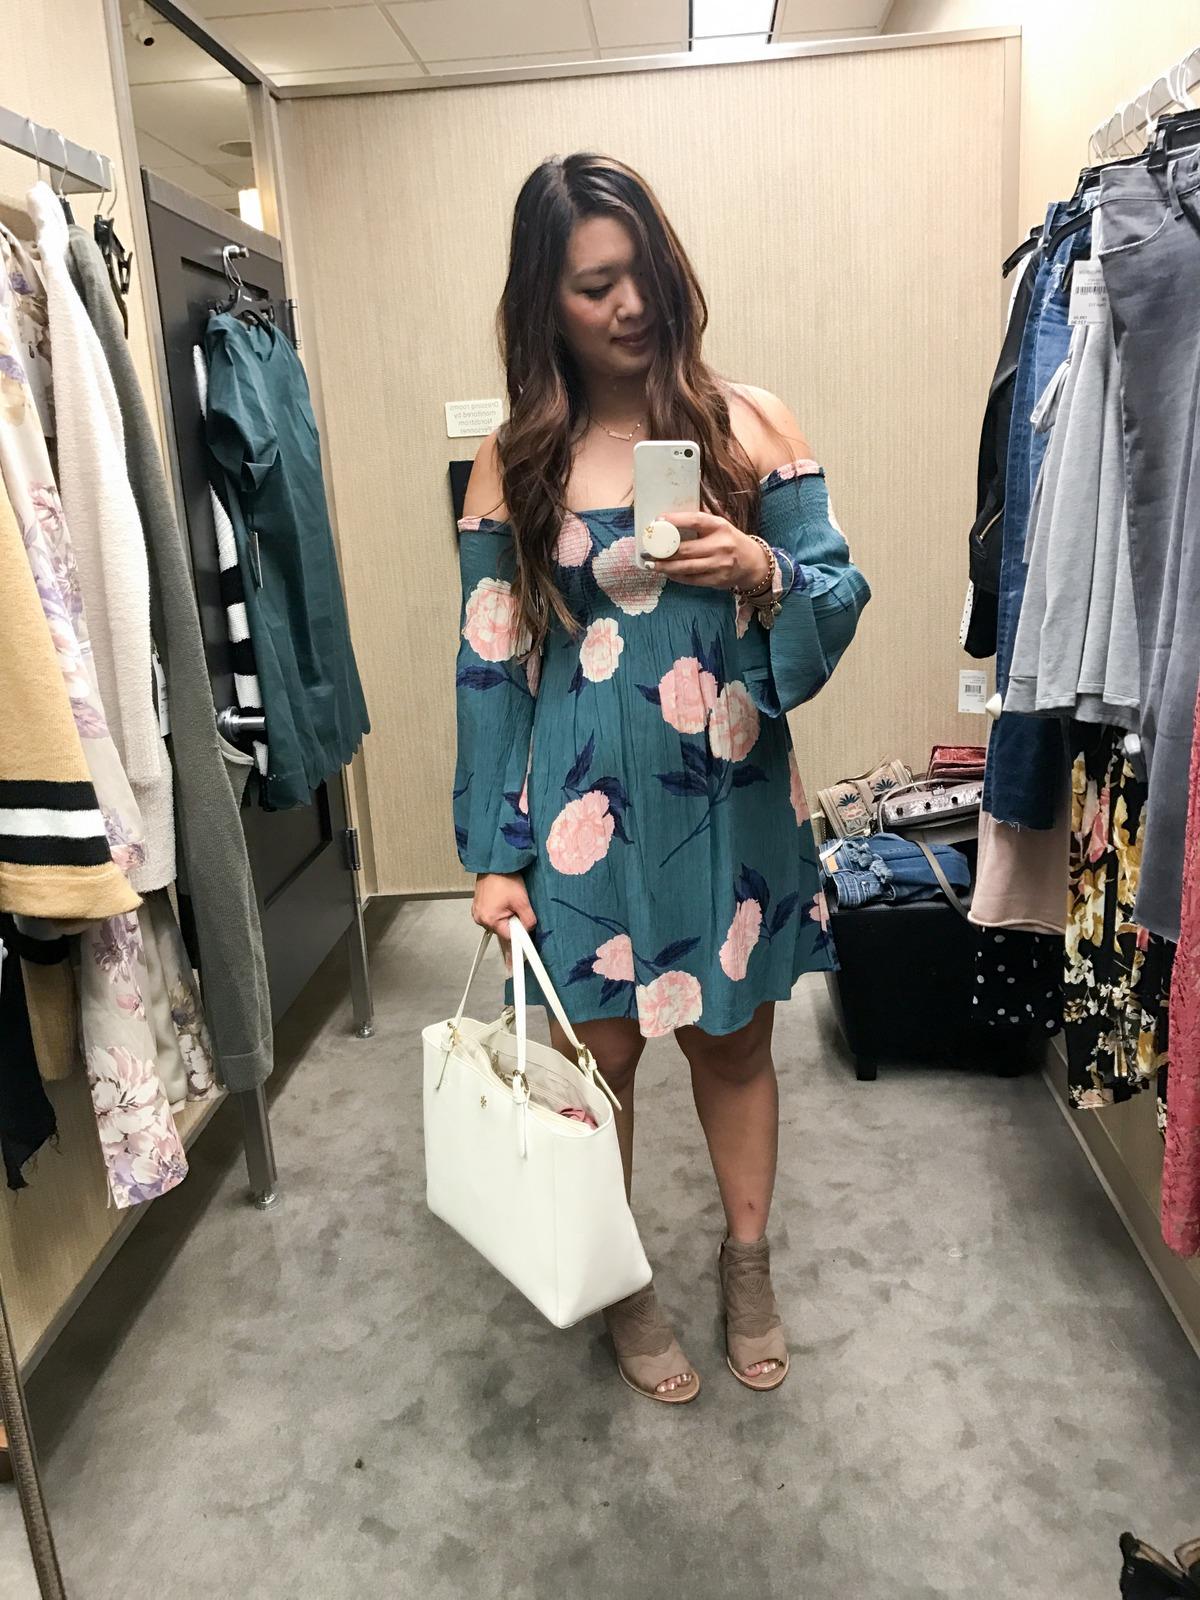 girl for sale xxx